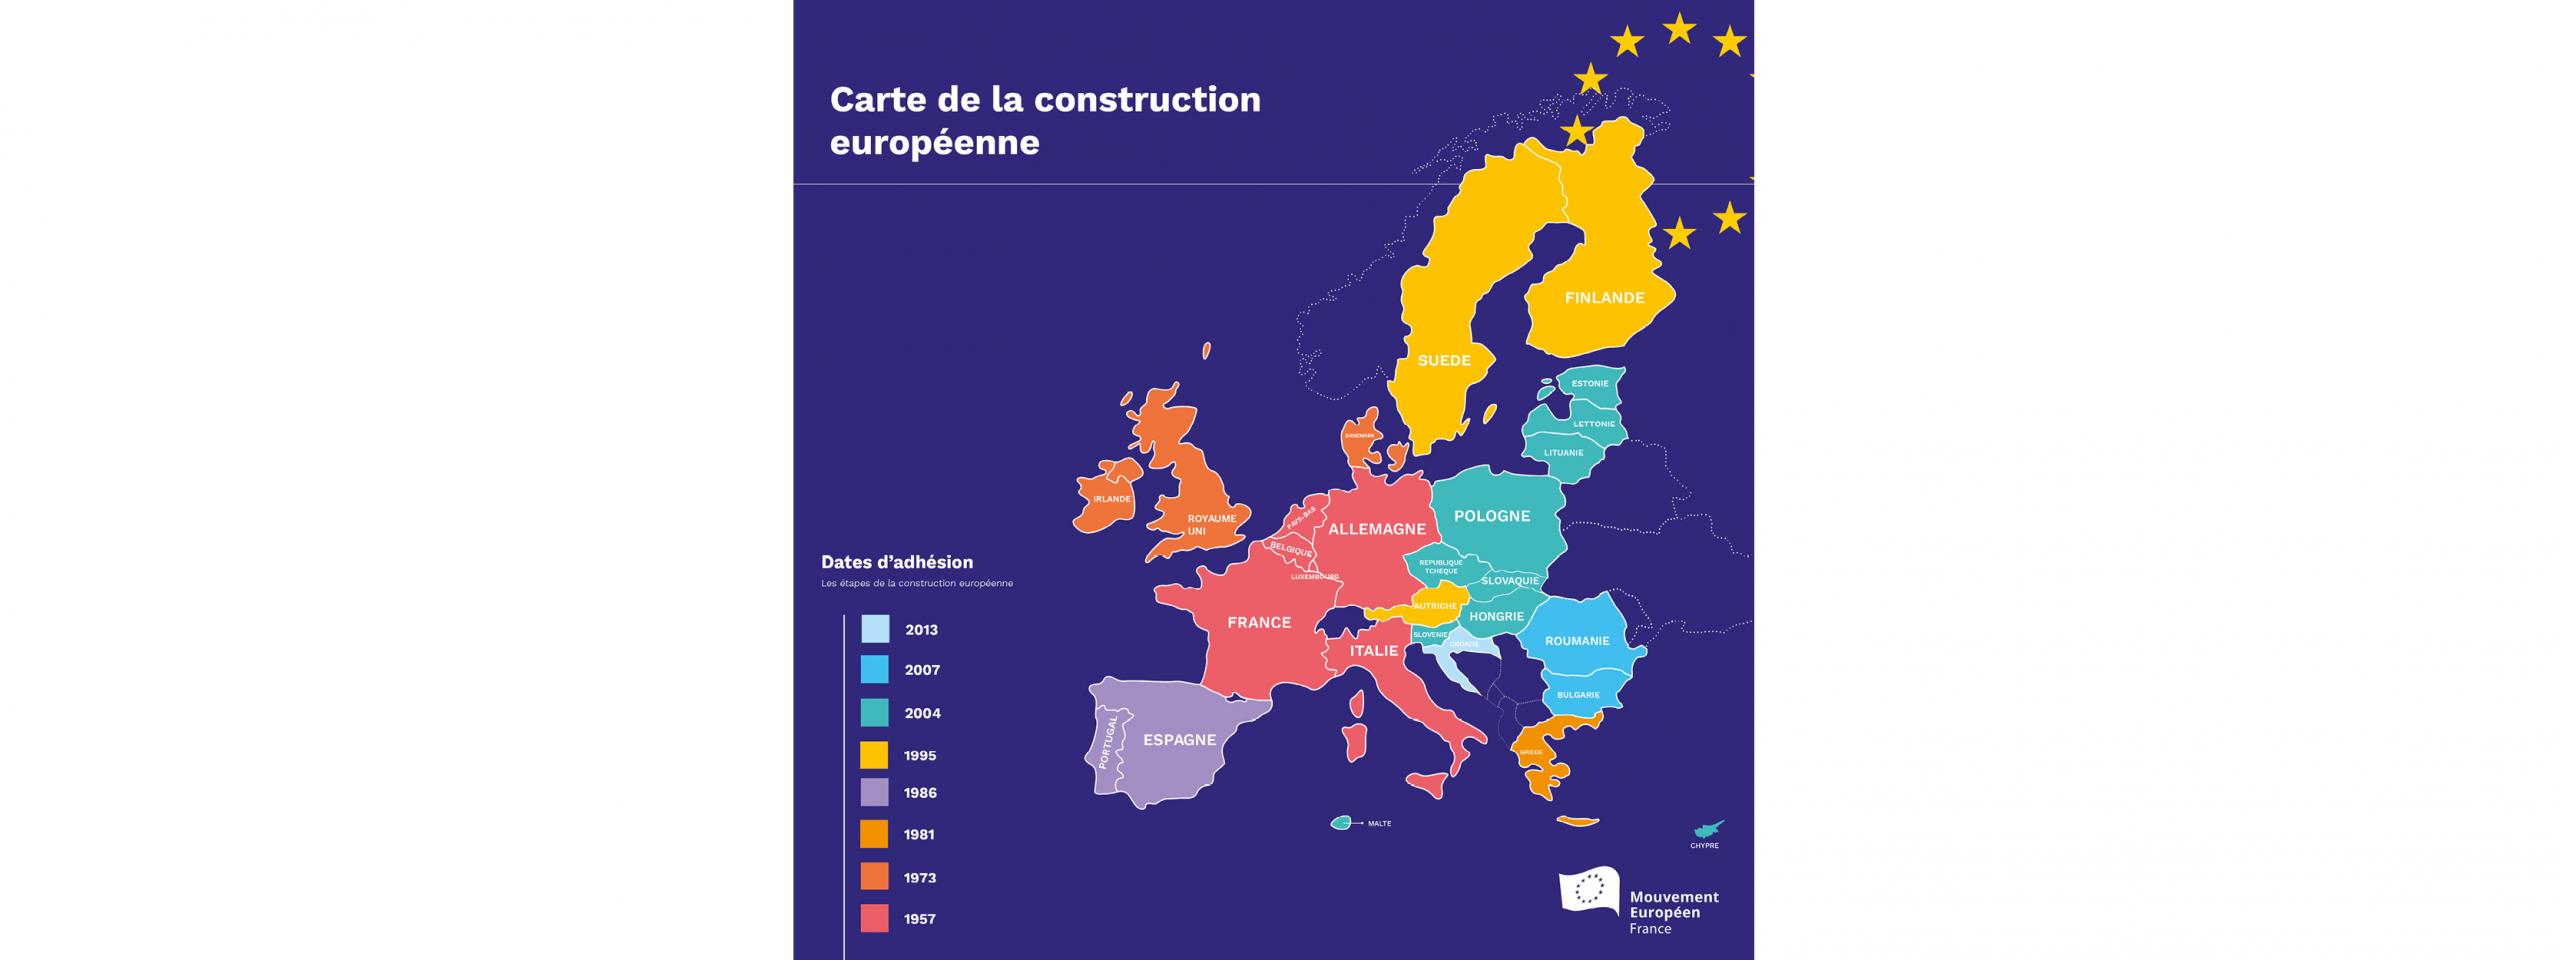 Union Européenne : La Construction Européenne En Carte destiné Carte Pays Membre De L Ue